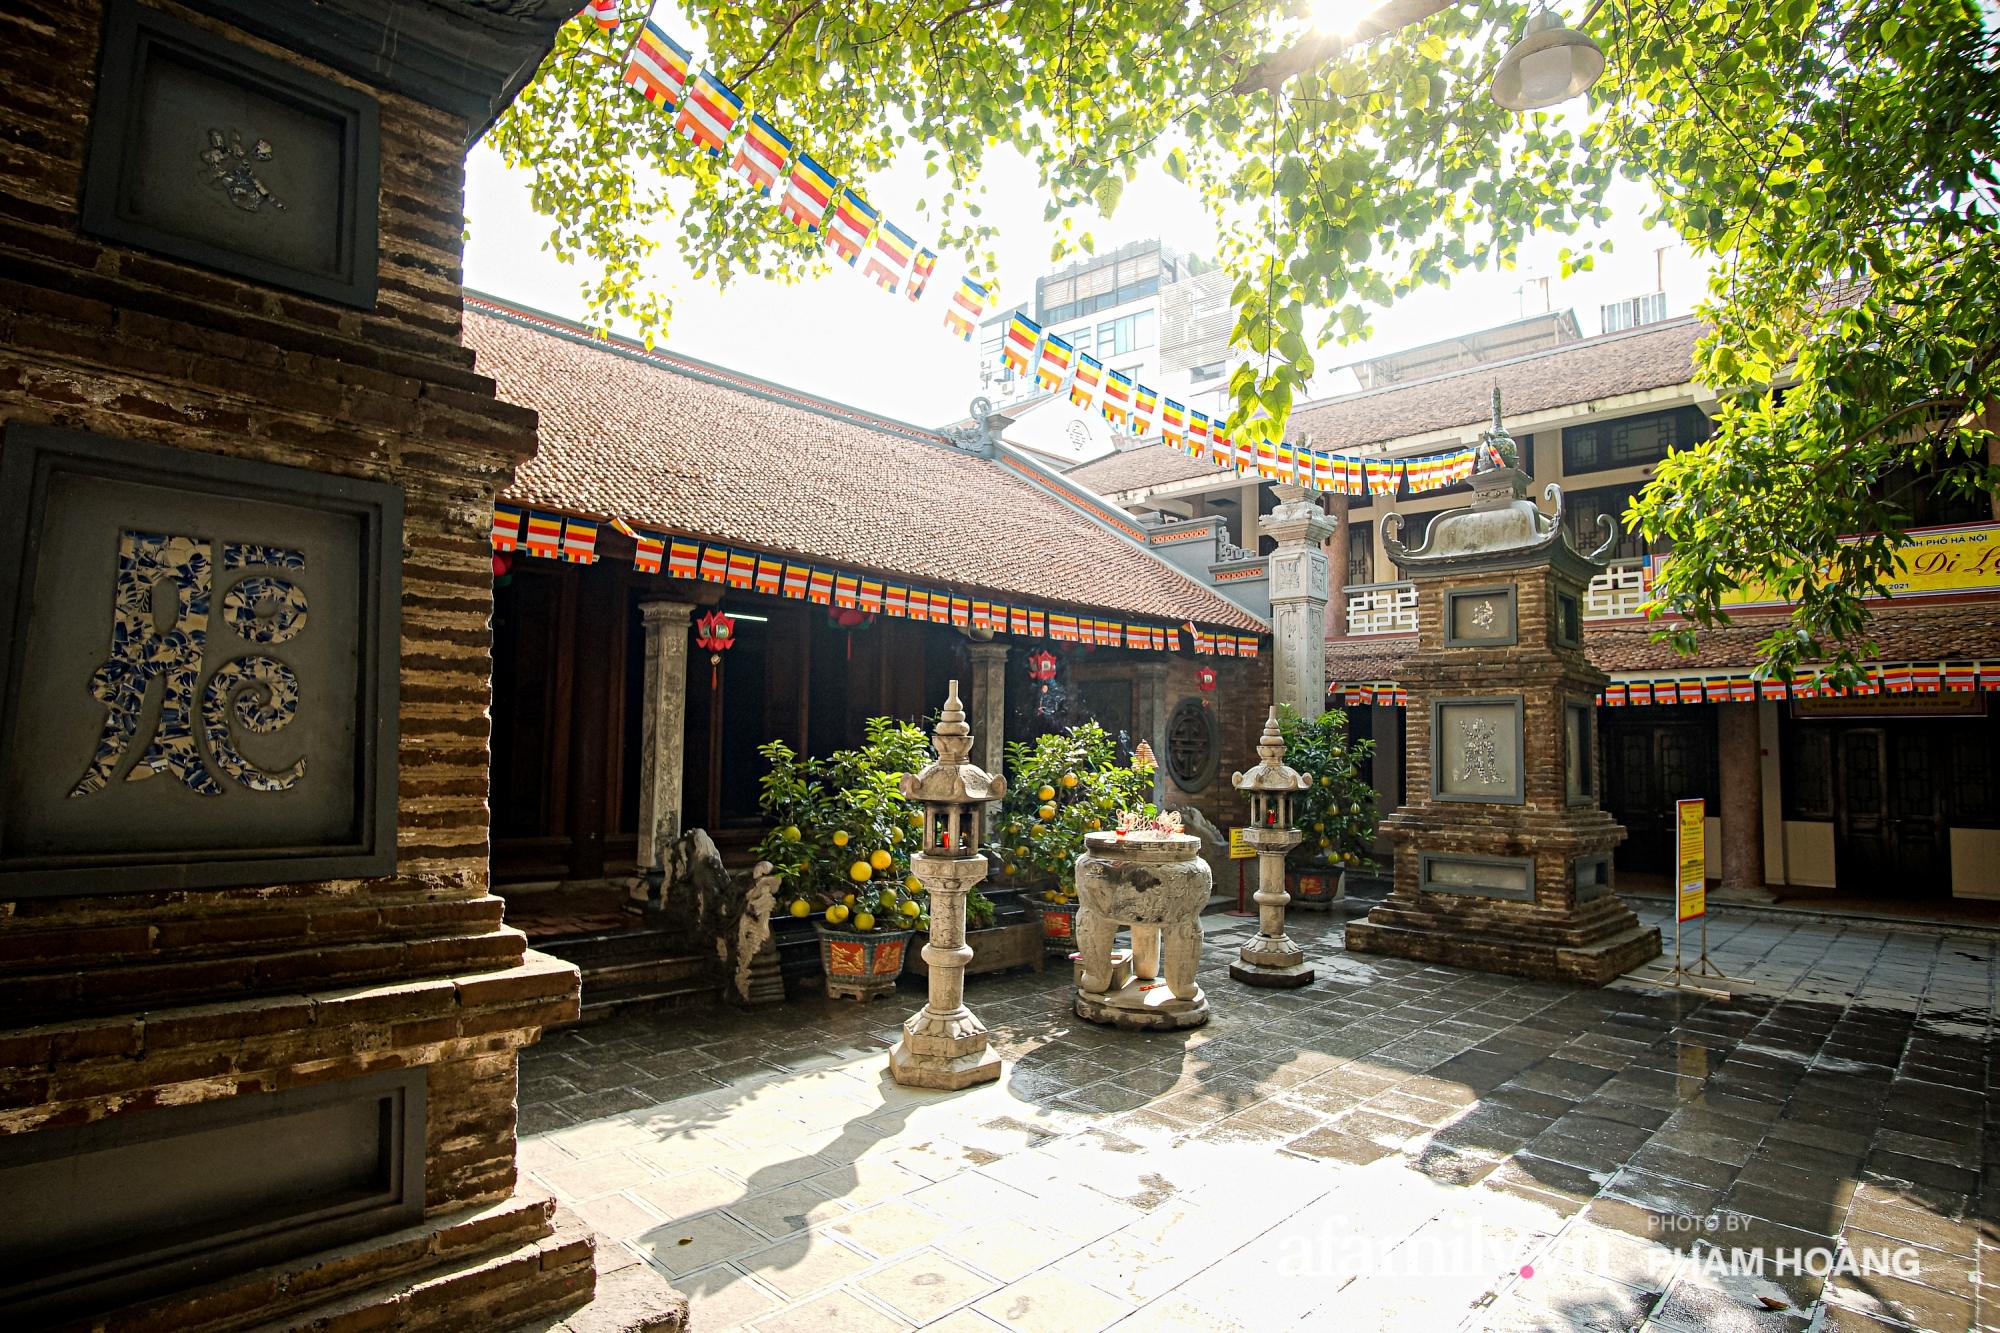 Mùng 1 đầu năm ghé thăm chùa Bà Đá: Chốn linh thiêng cổ xưa ngàn năm tuổi, giấu mình giữa phố cổ phồn hoa - Ảnh 19.